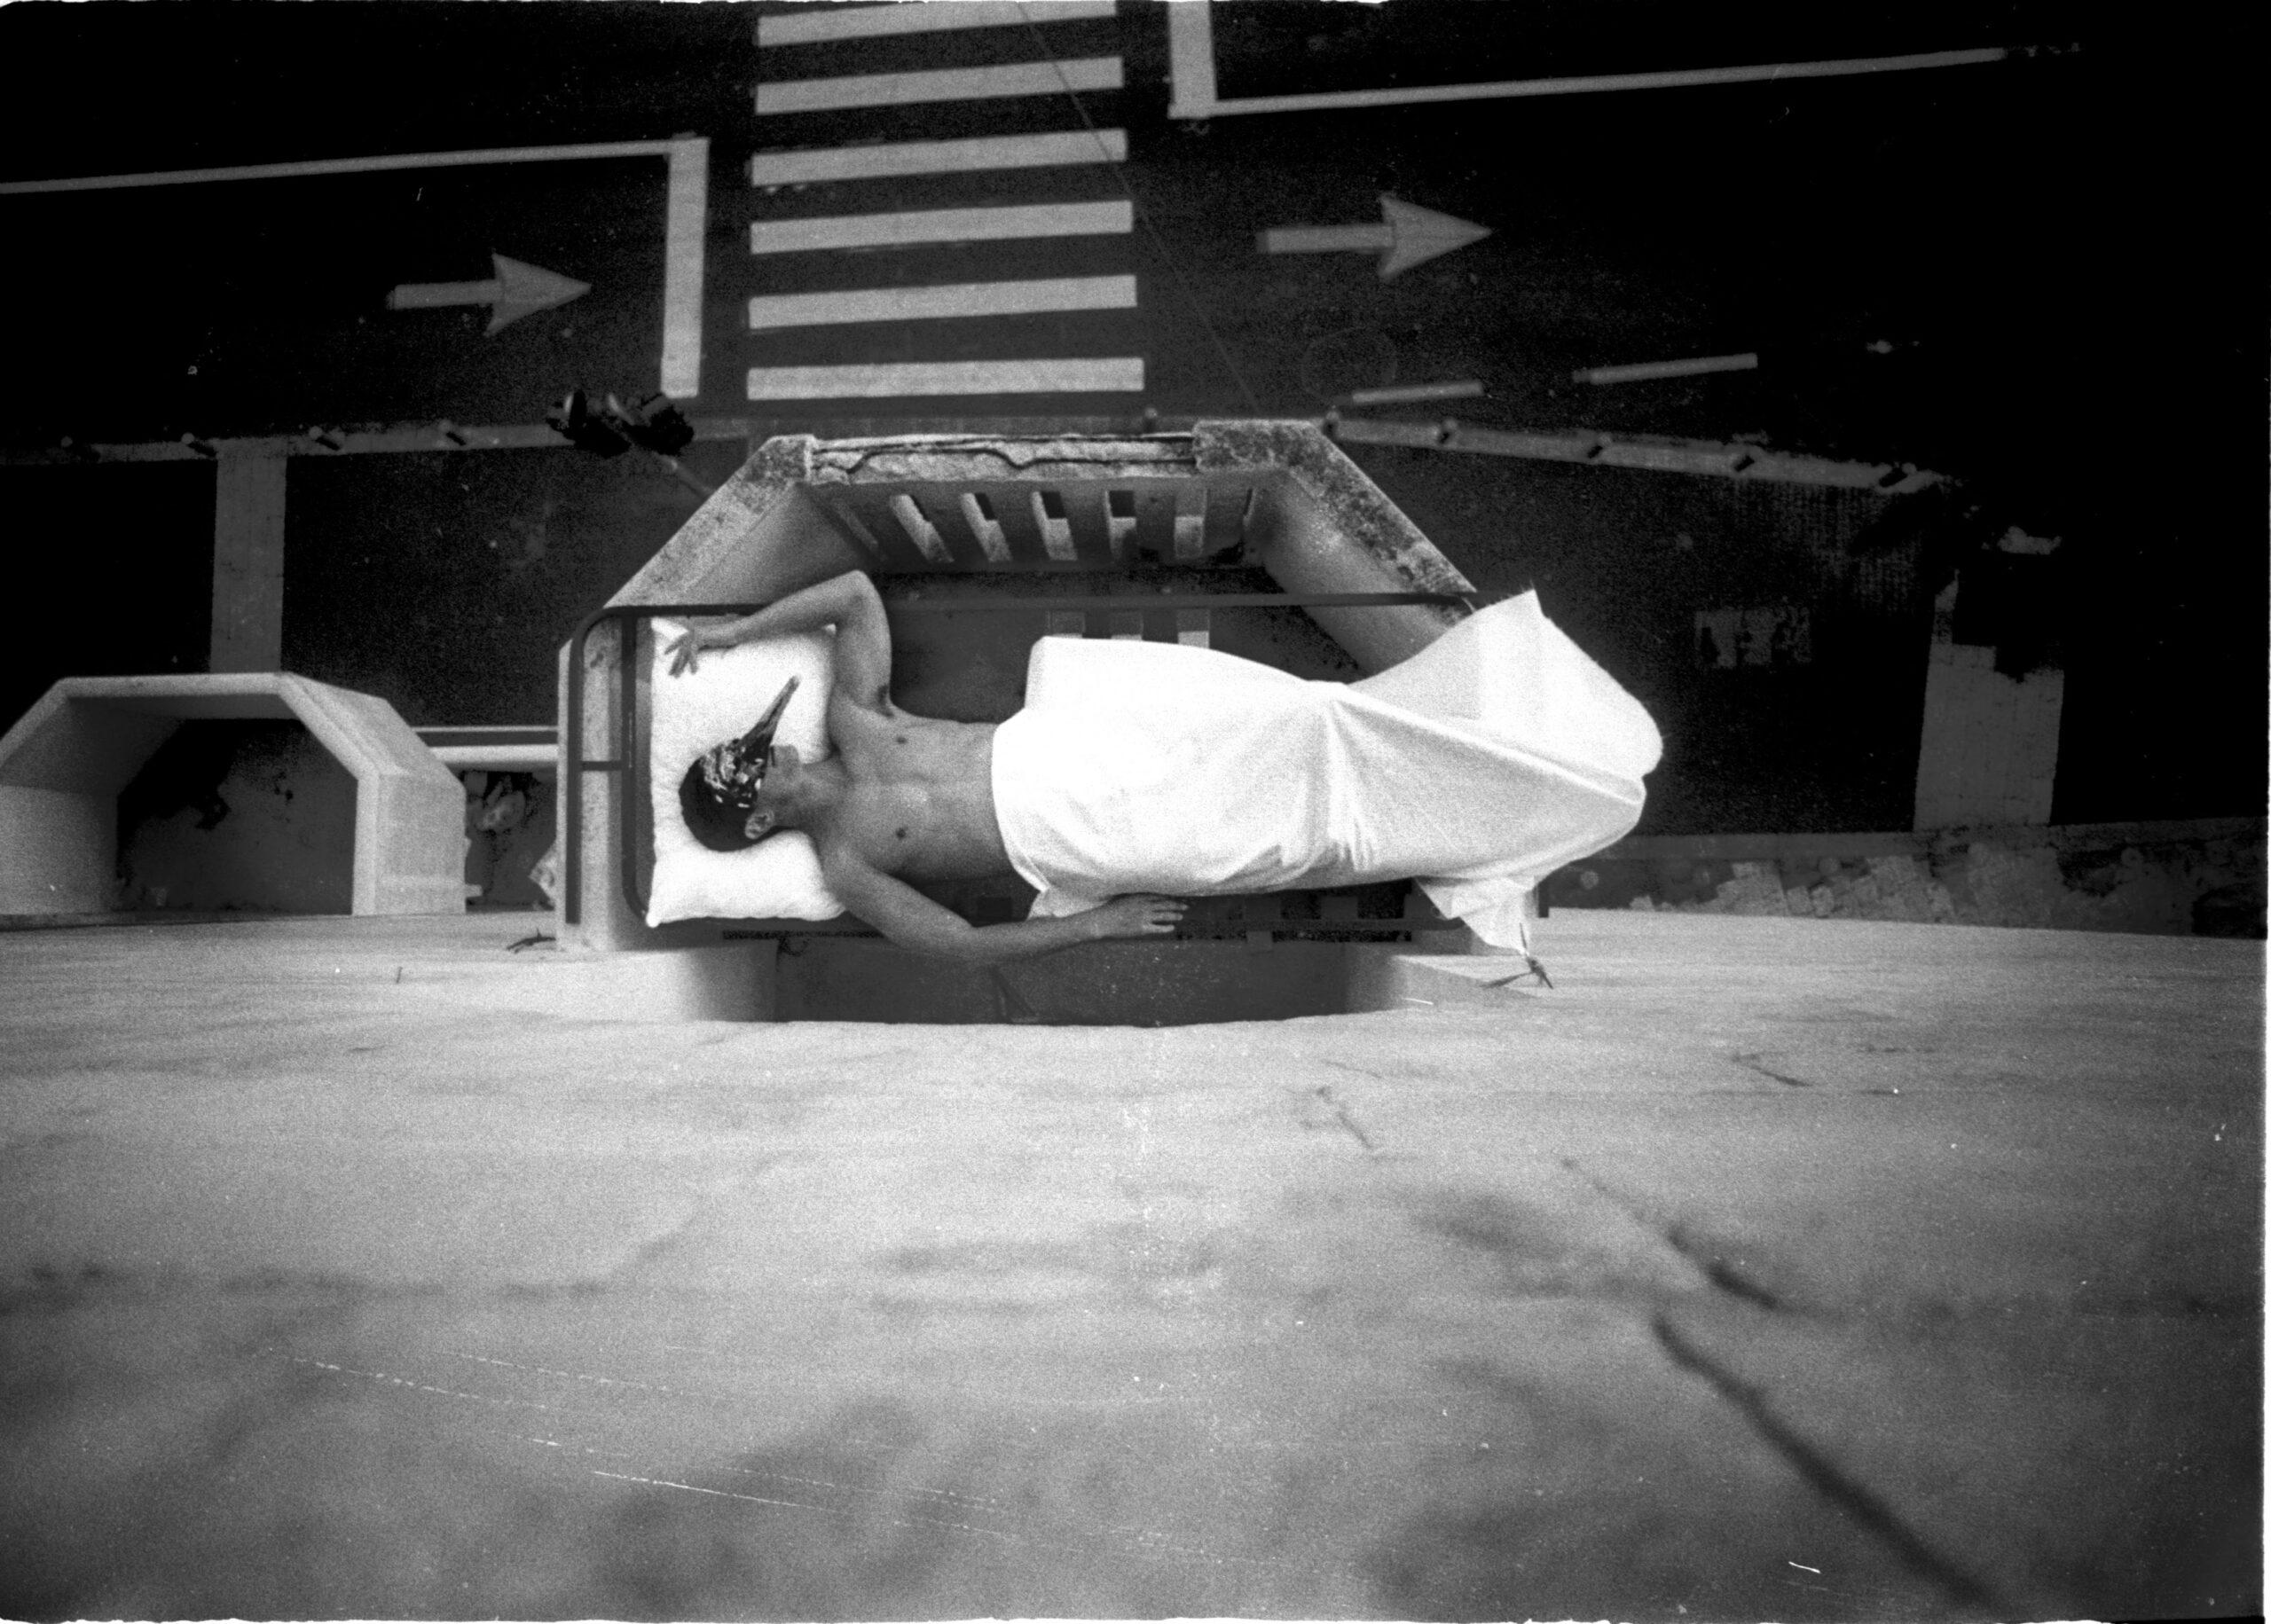 איש שוכב במרפסת מעל רחוב